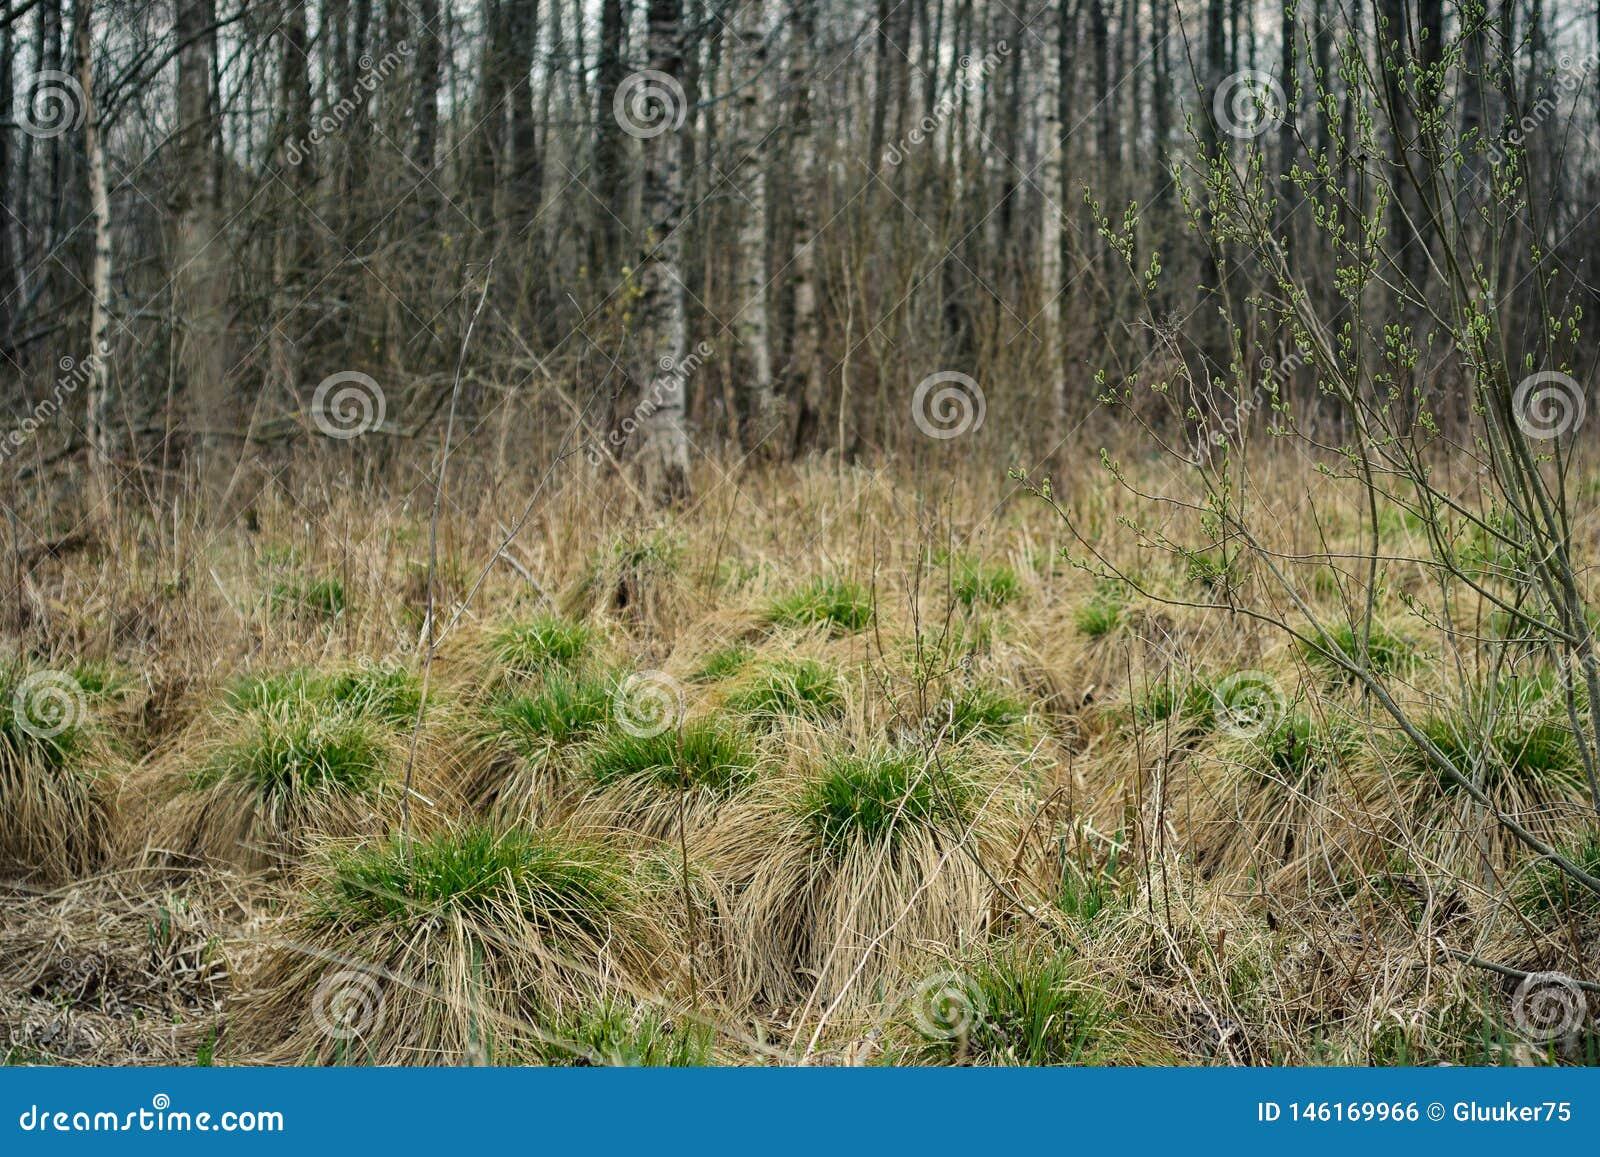 Palude inaridita della molla collinette asciutte con i pettini di giovane erba verde contro lo sfondo del boschetto della betulla